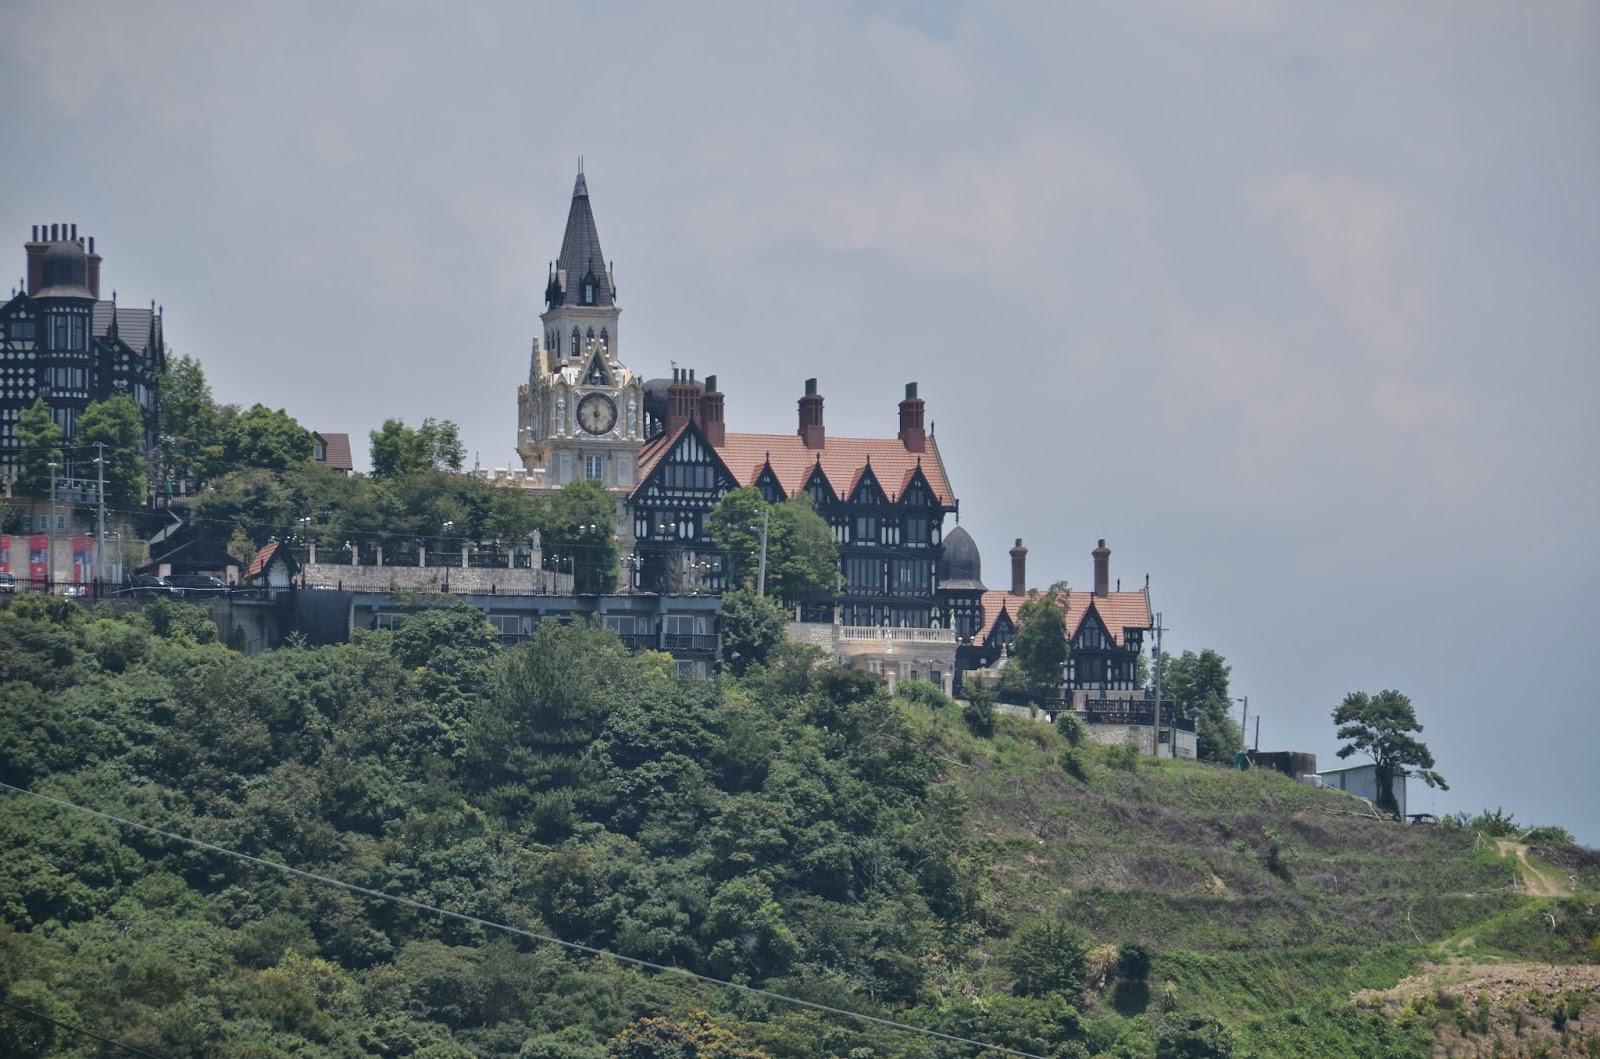 矗立在清境,夢幻般的童話城堡。(攝影:吳仁邦)